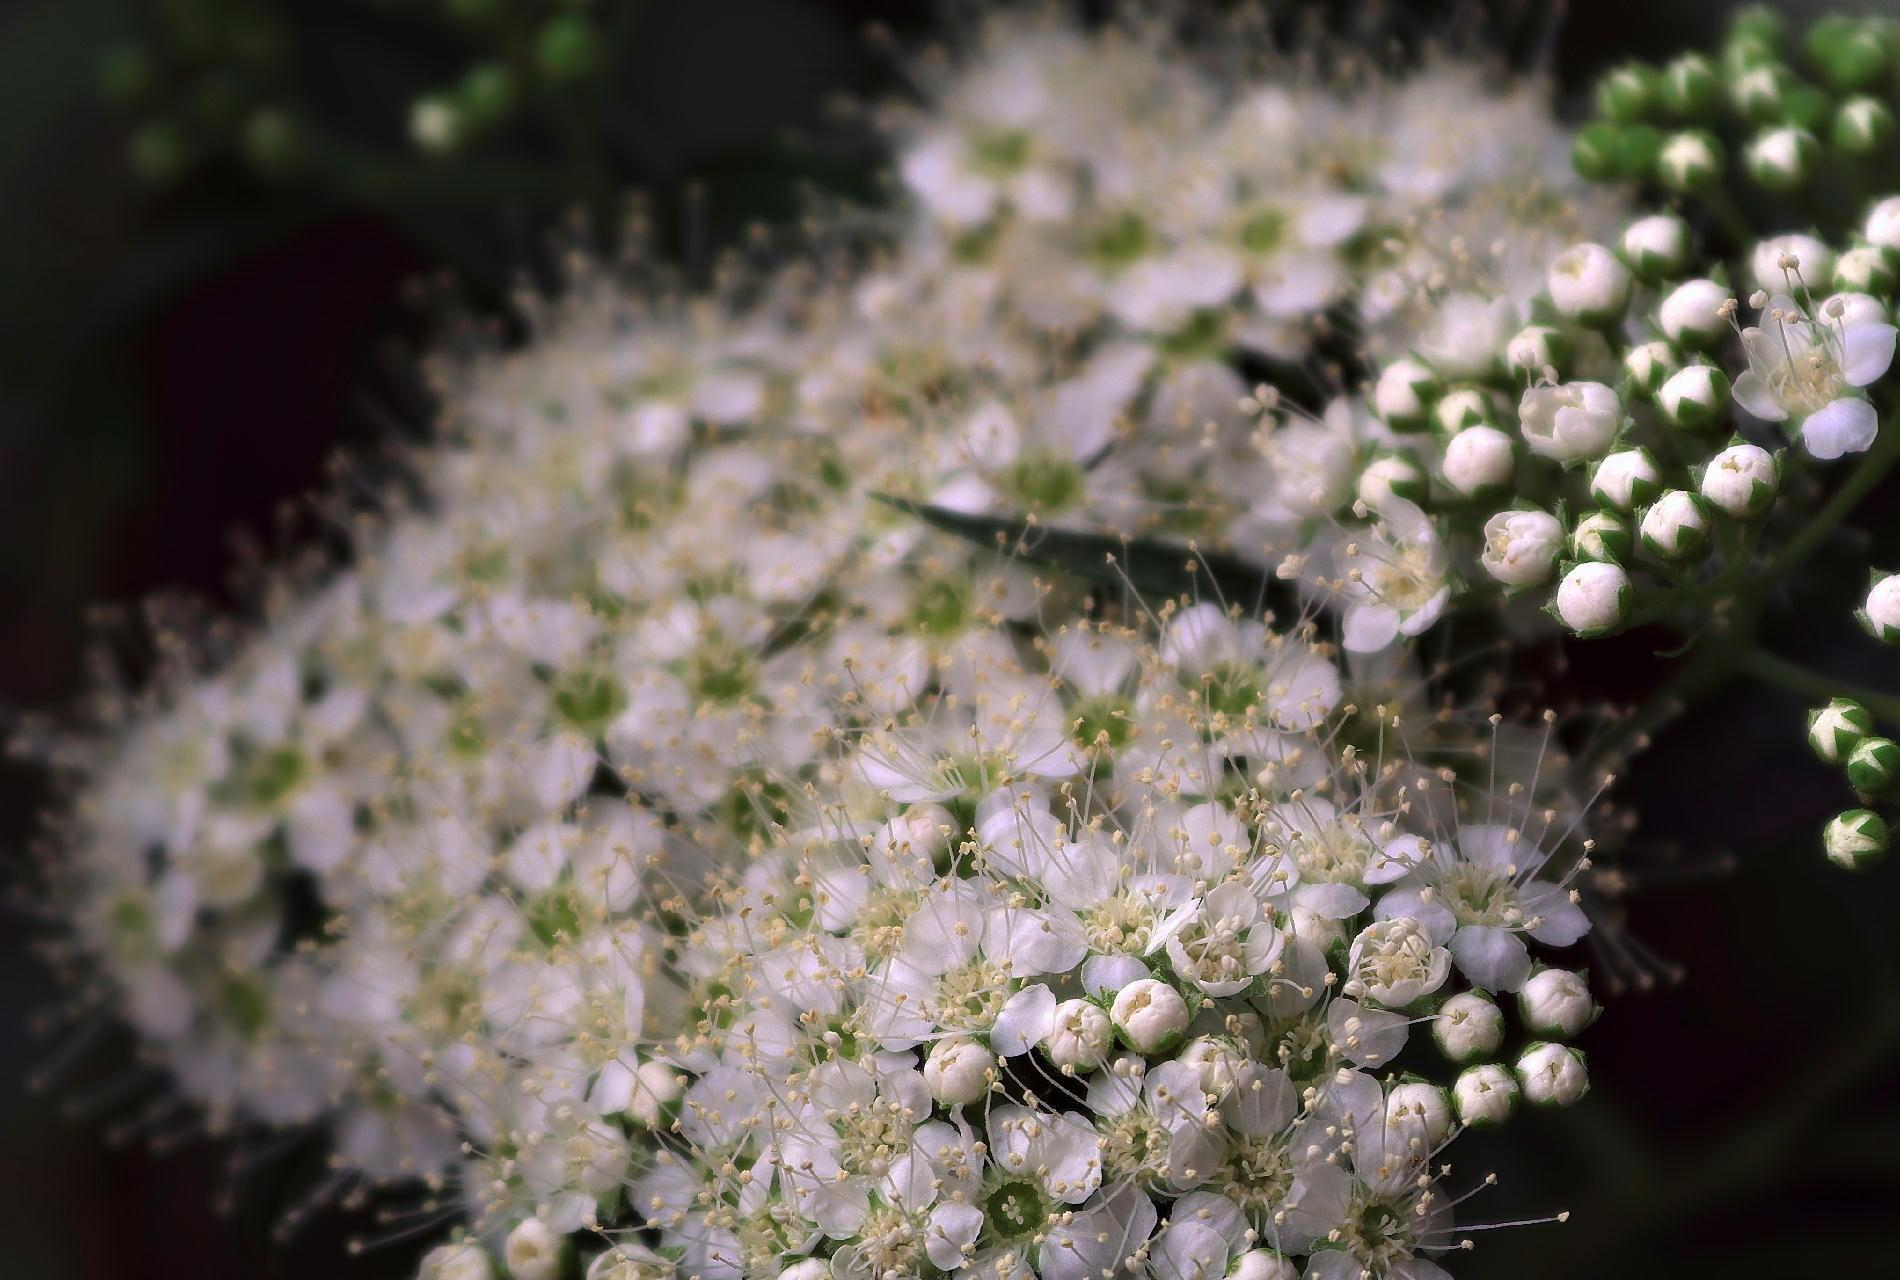 天体望遠鏡でお庭の花を撮る遊び_f0346040_22593895.jpg